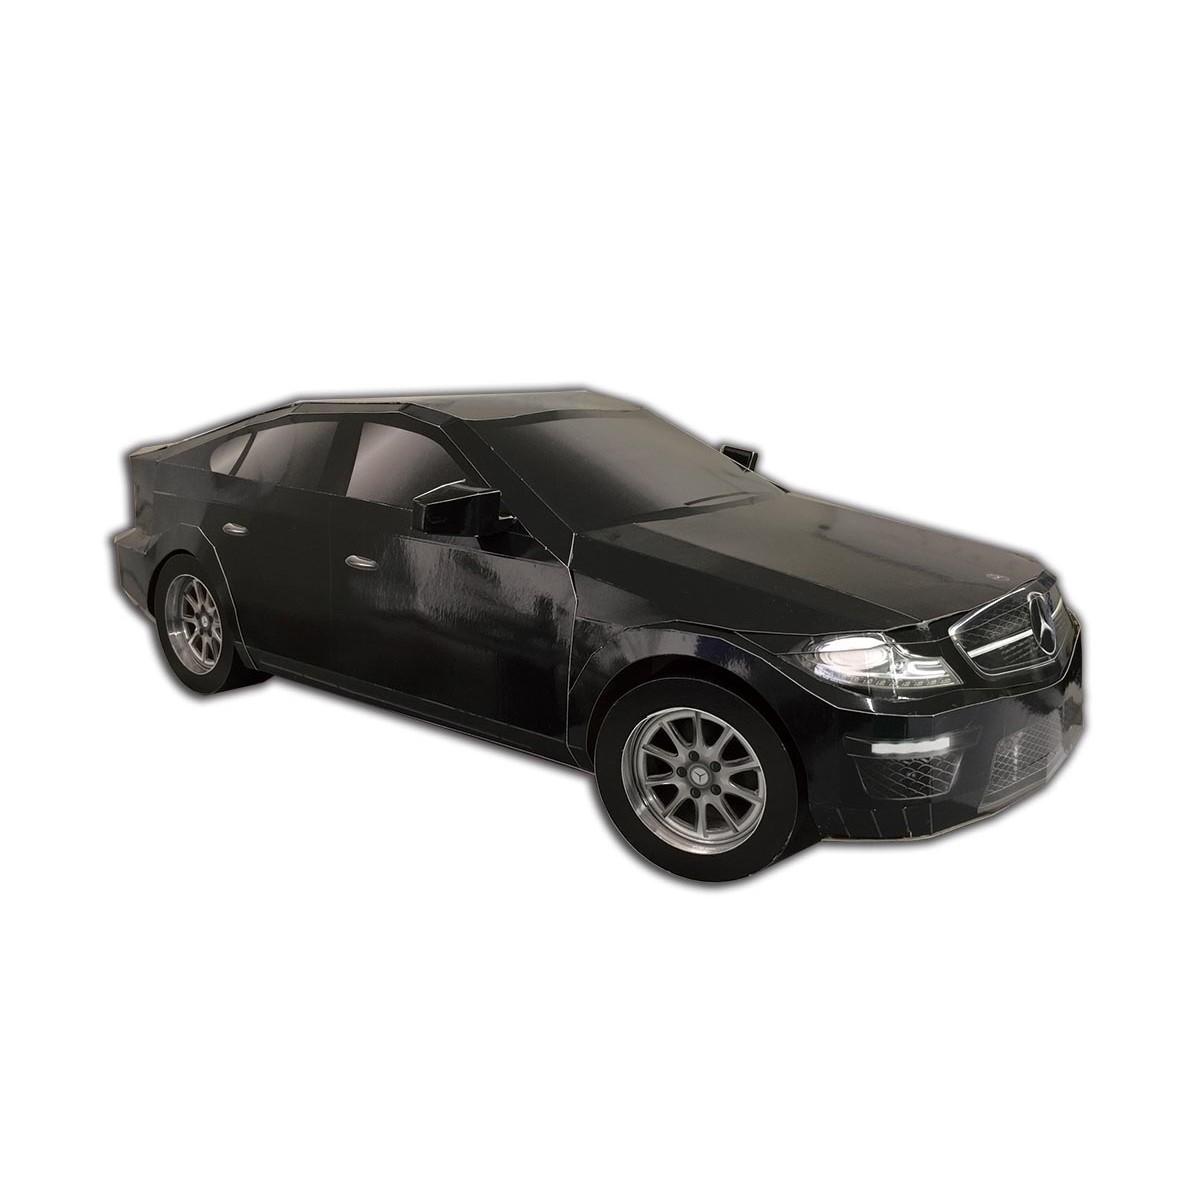 賓士黑色轎車一台